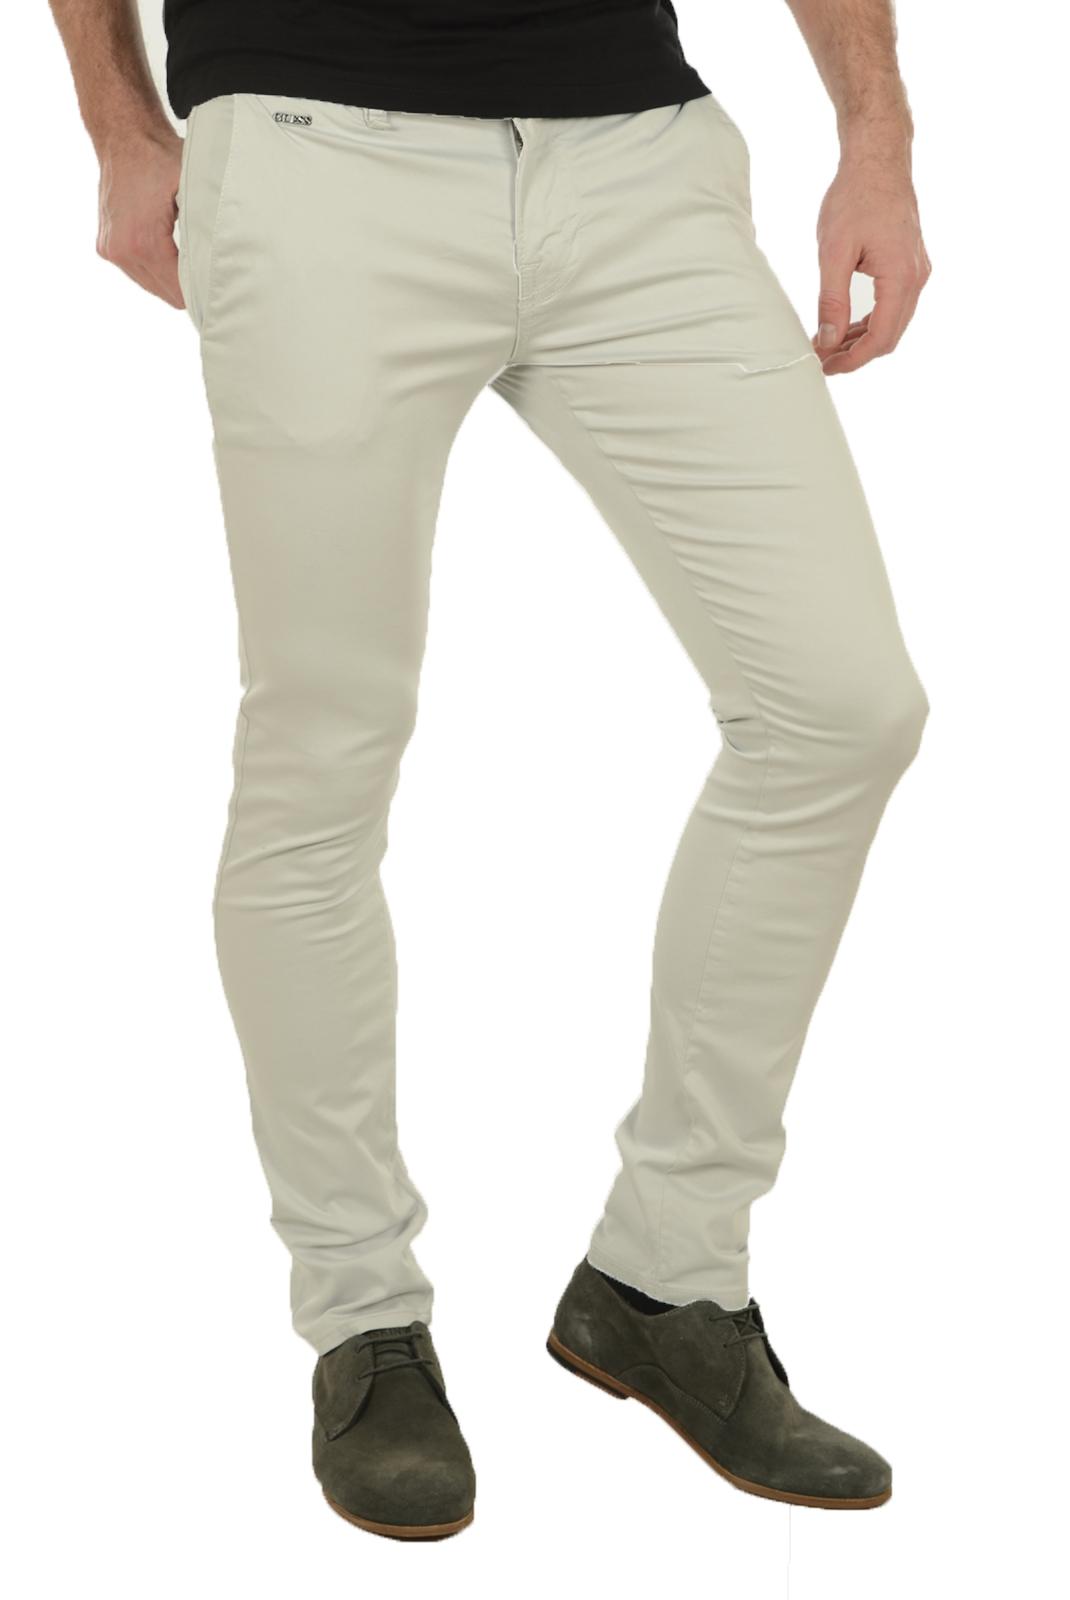 Pantalons  Guess jeans M64B29 W80V0 DANIEL B947 GREY